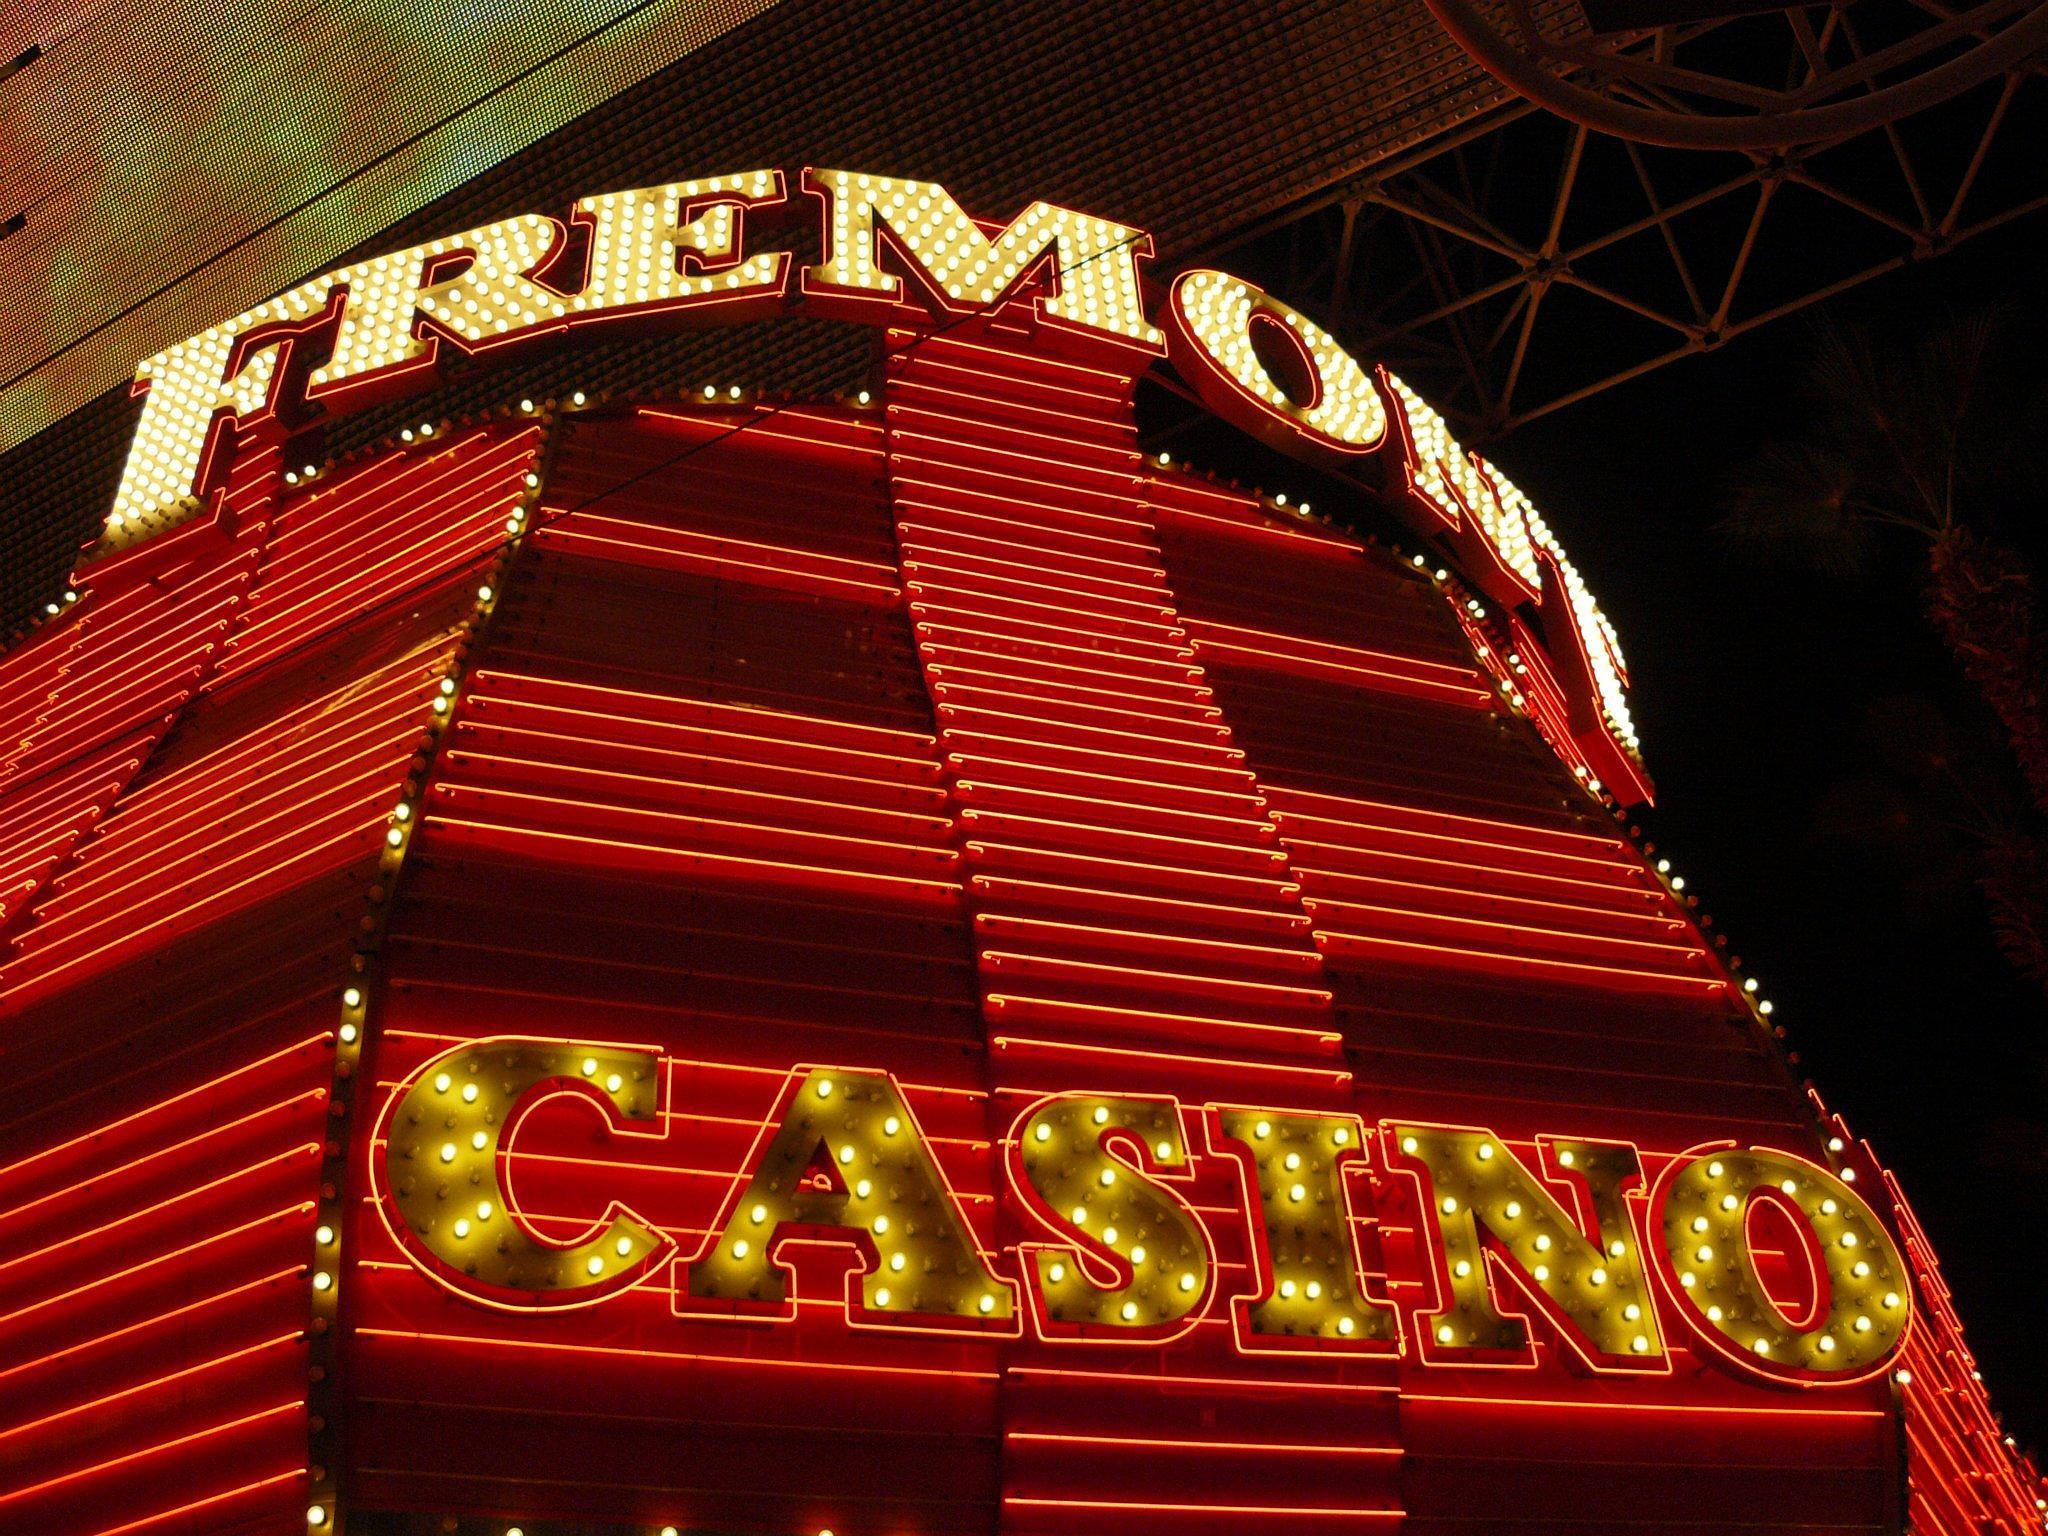 Las Vegas by yankeebiscuitfan